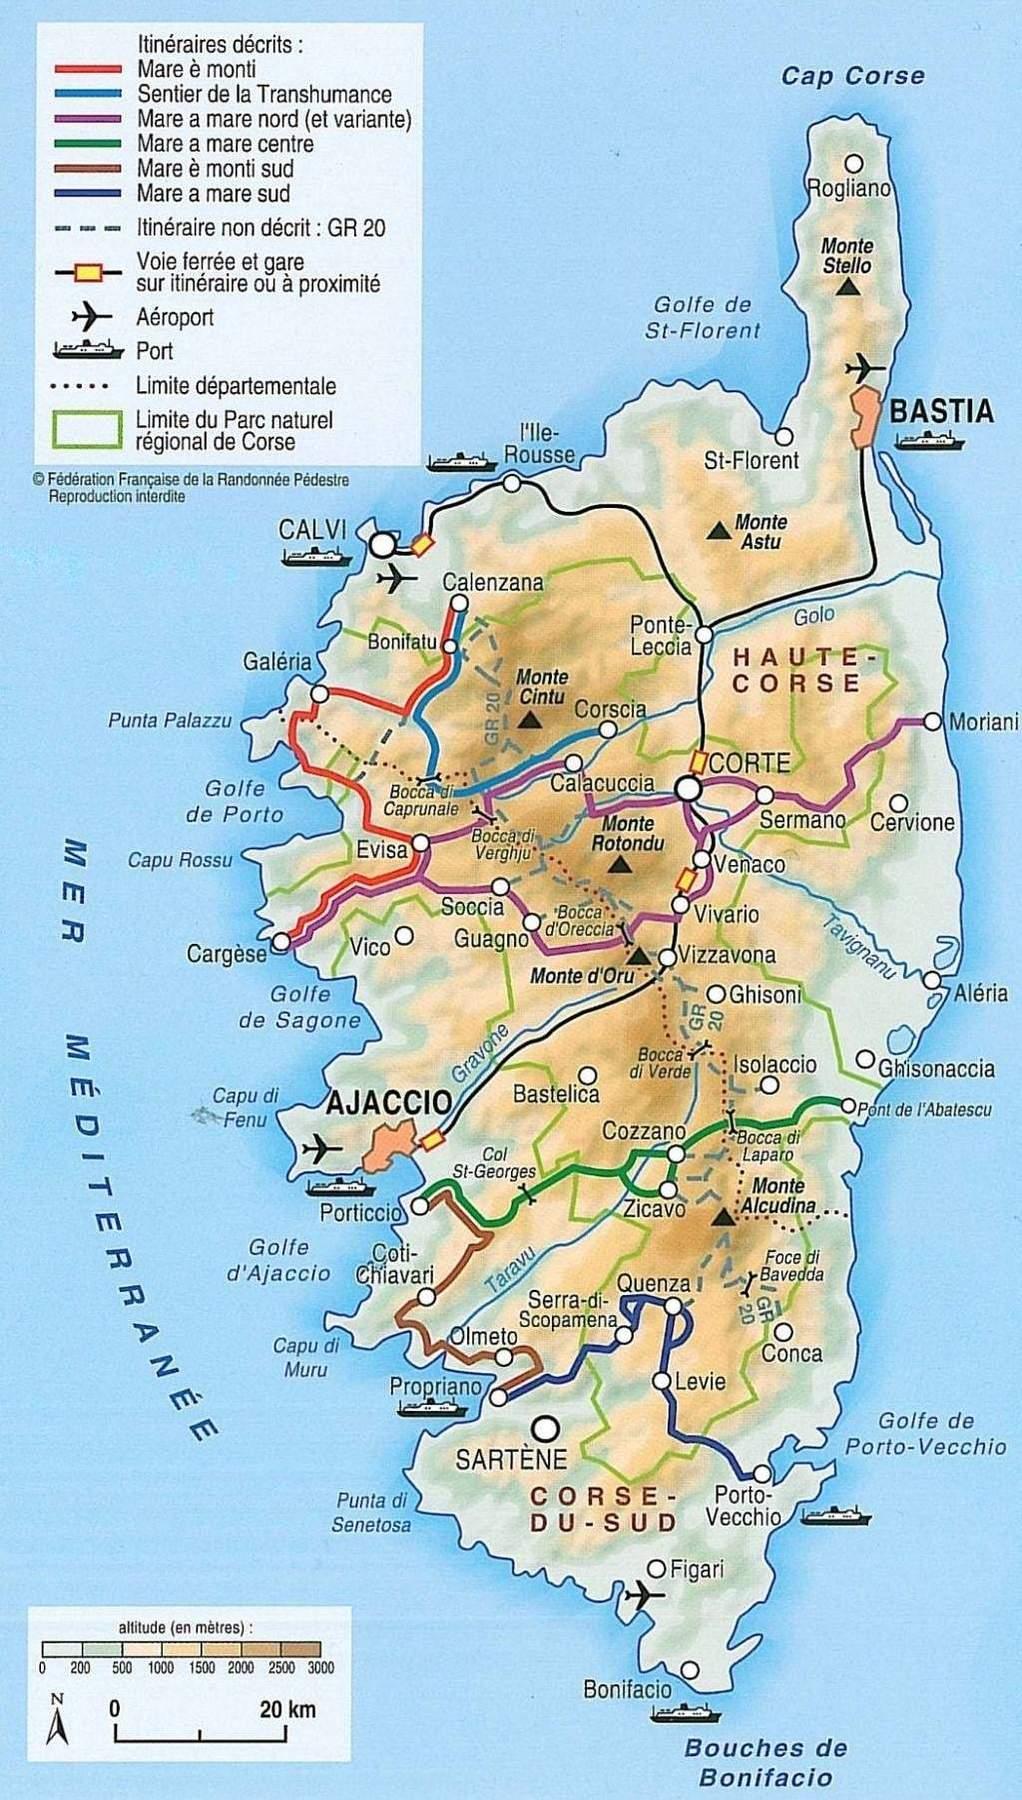 Carte Corse Serriera.Mare E Monti Informations Etapes Materiels Carnet De Route